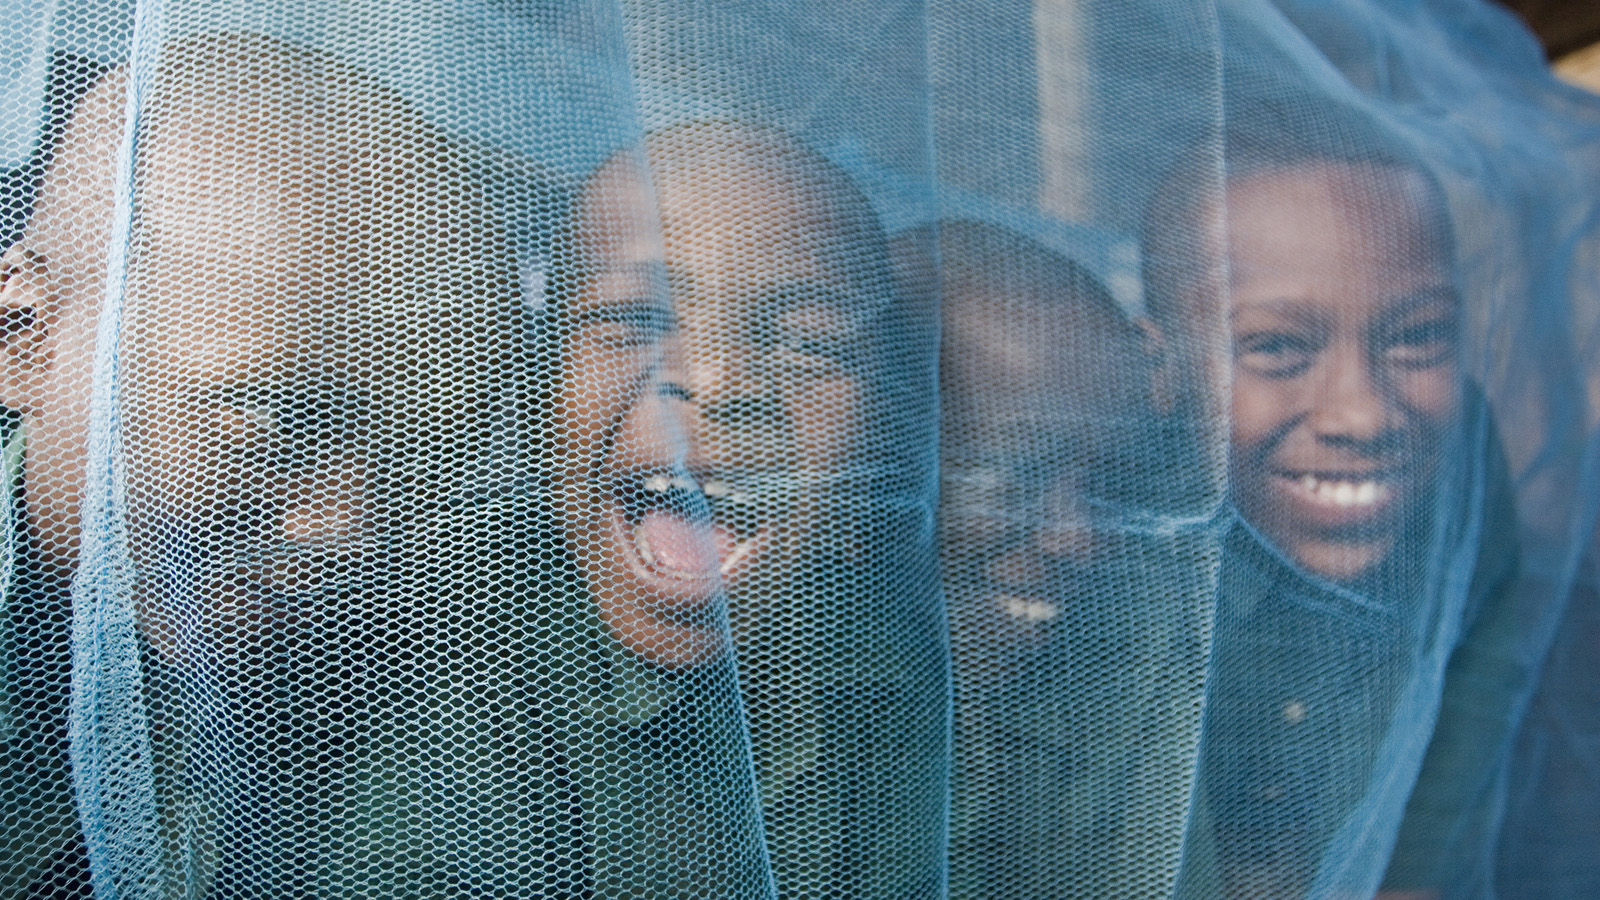 Mosquito Net kids_Arusha Primary School, Tanzania